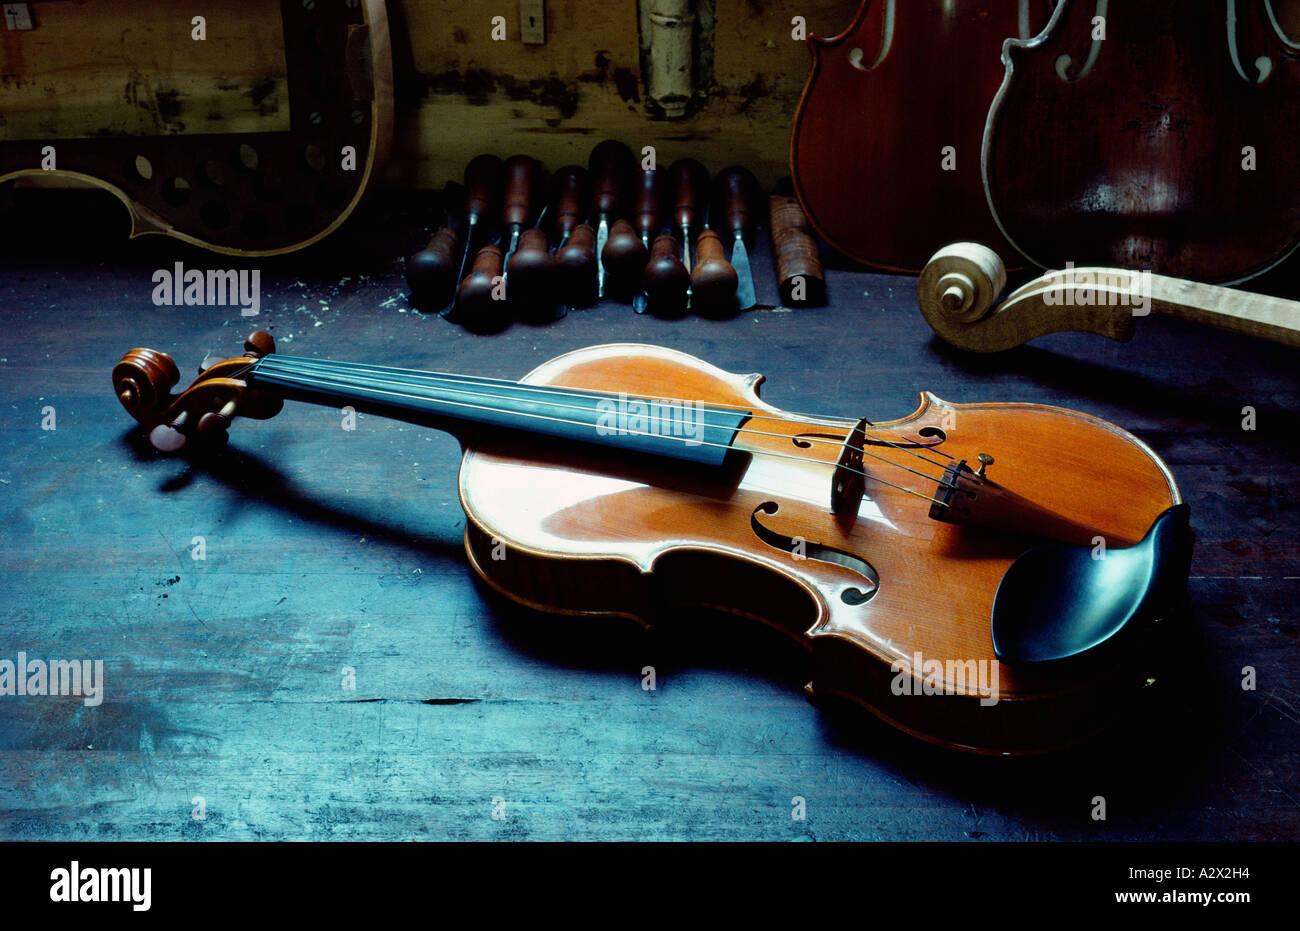 Todavía la vida de nuevo el violín de madera hecha a mano. Imagen De Stock